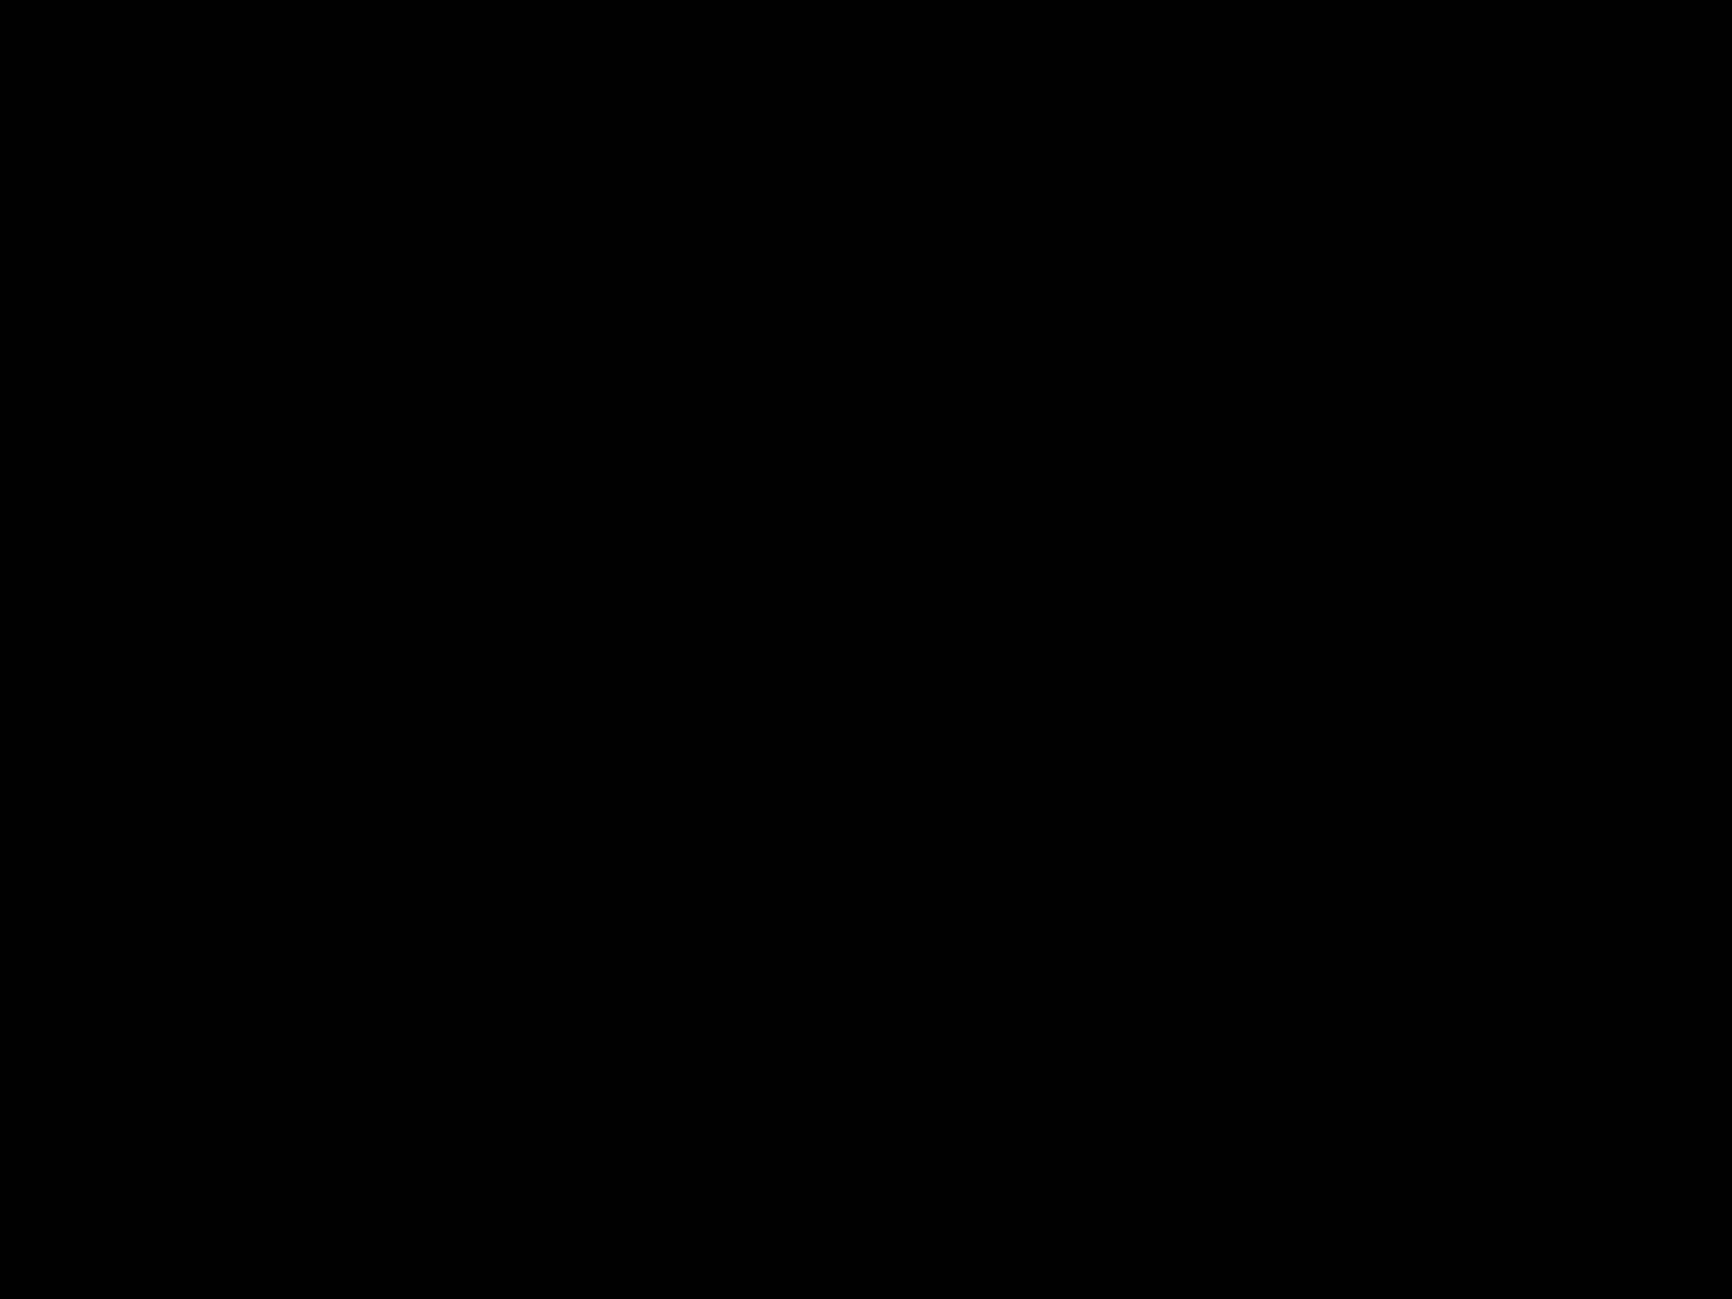 CILINDRO Color